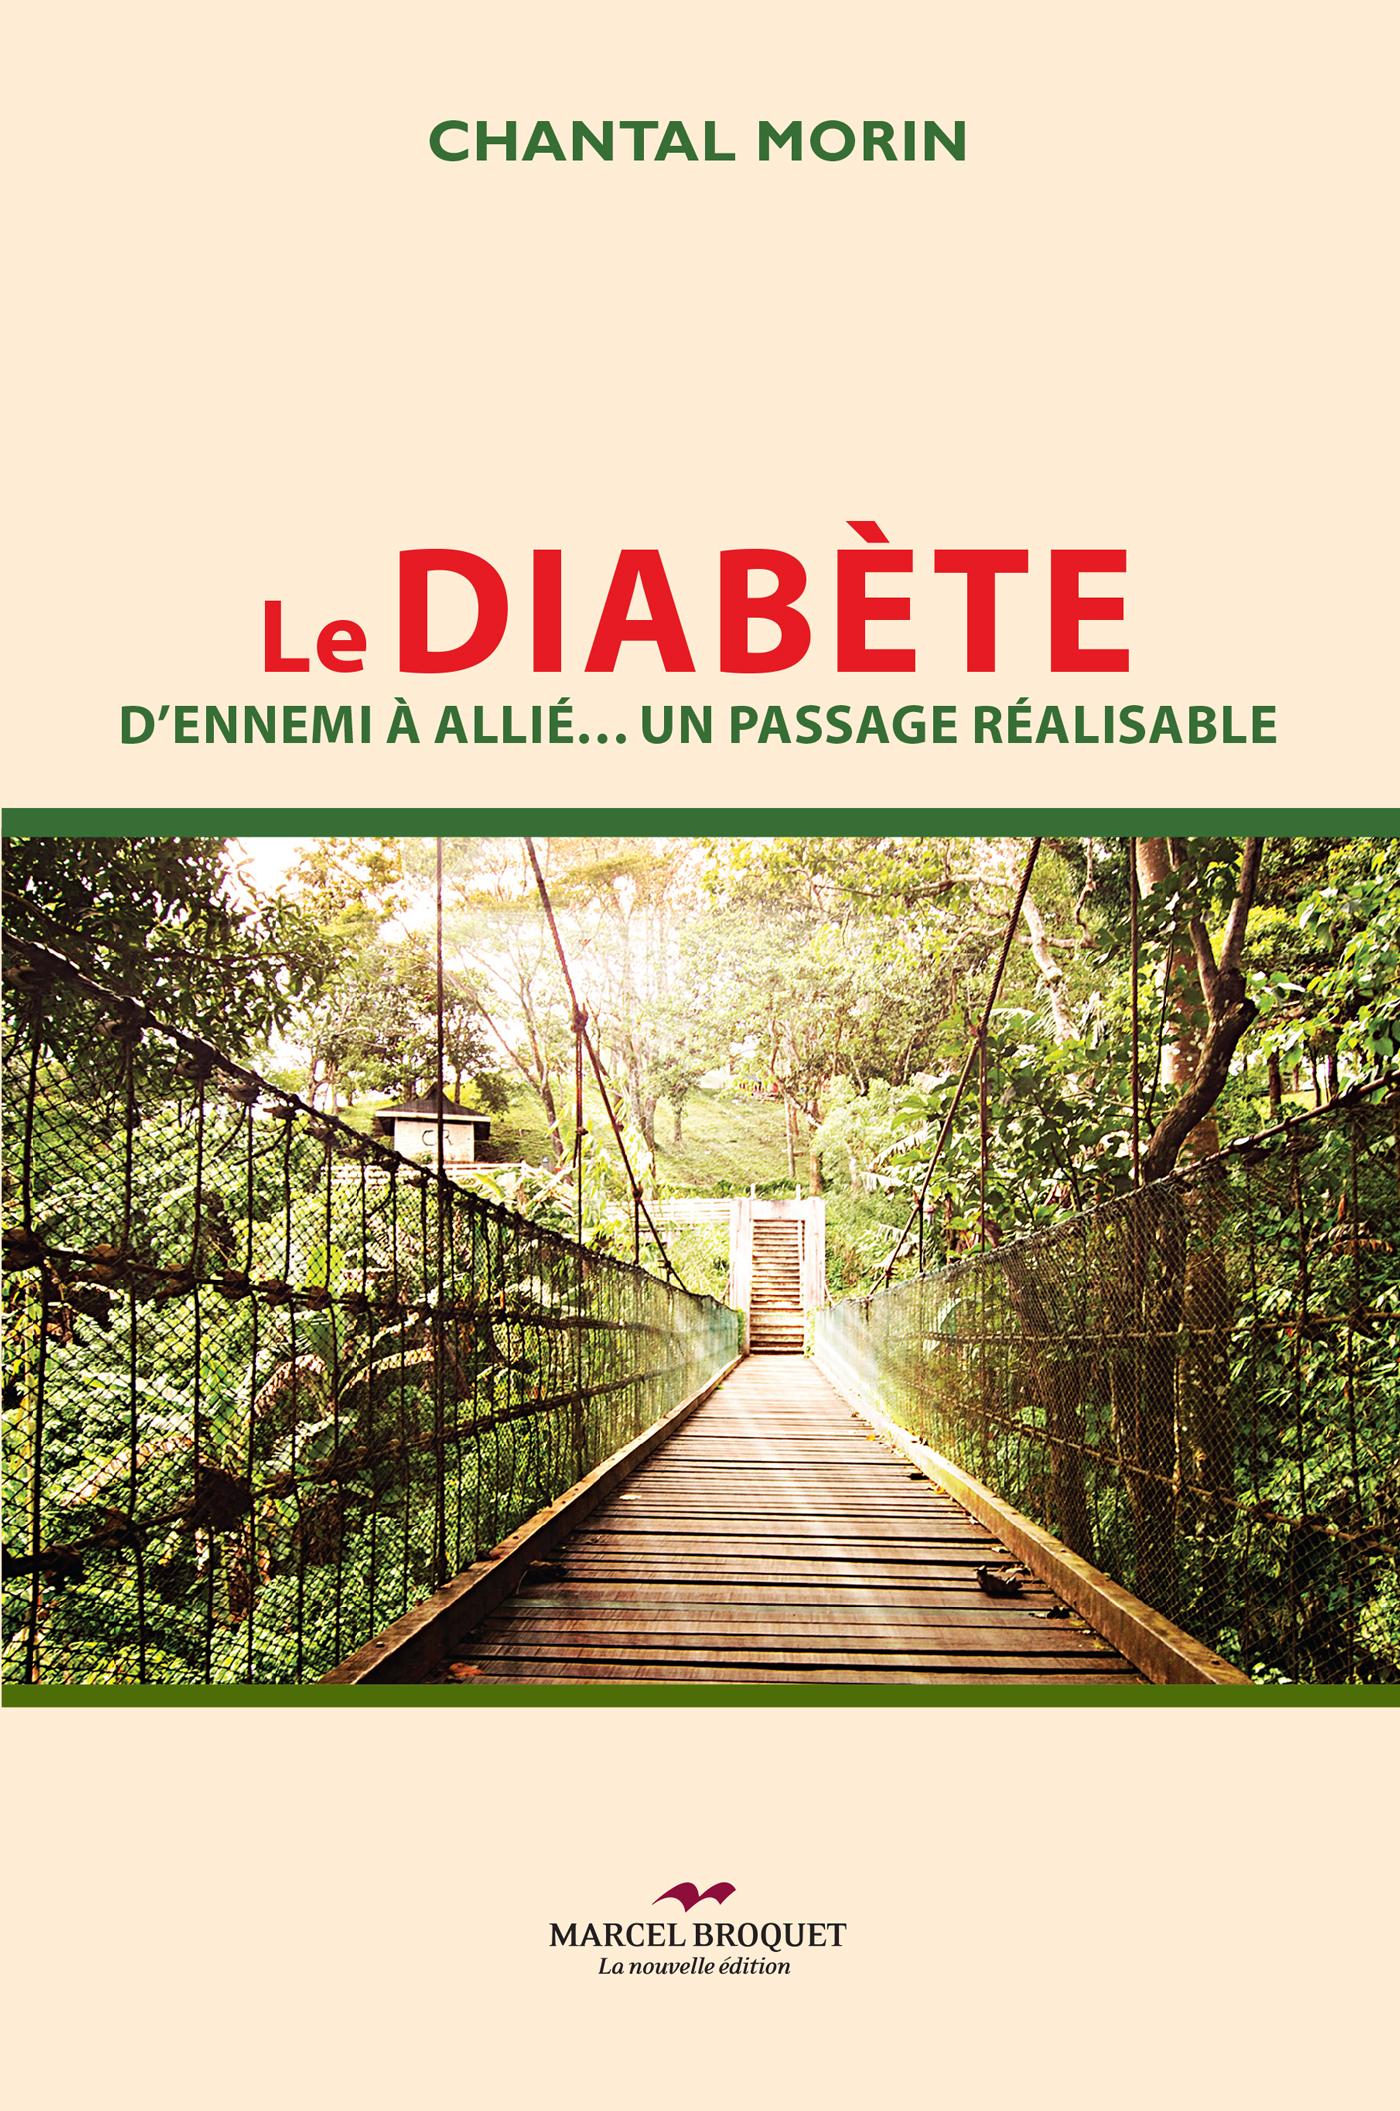 Le diabète, D'ennemi à allié, un passage réalisable